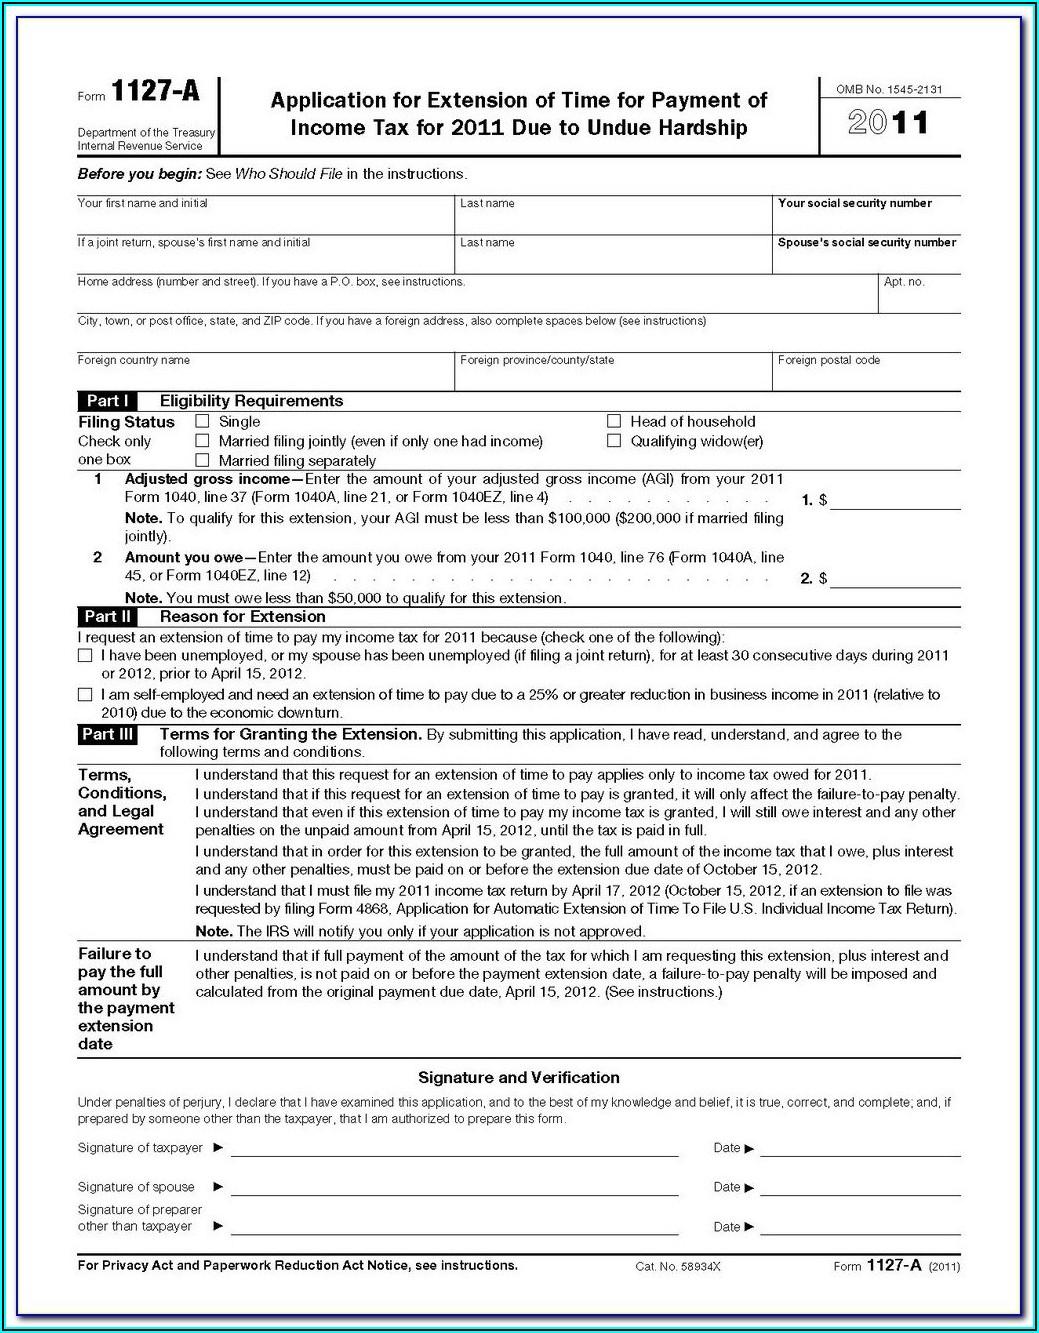 1040ez 2011 Form Instructions